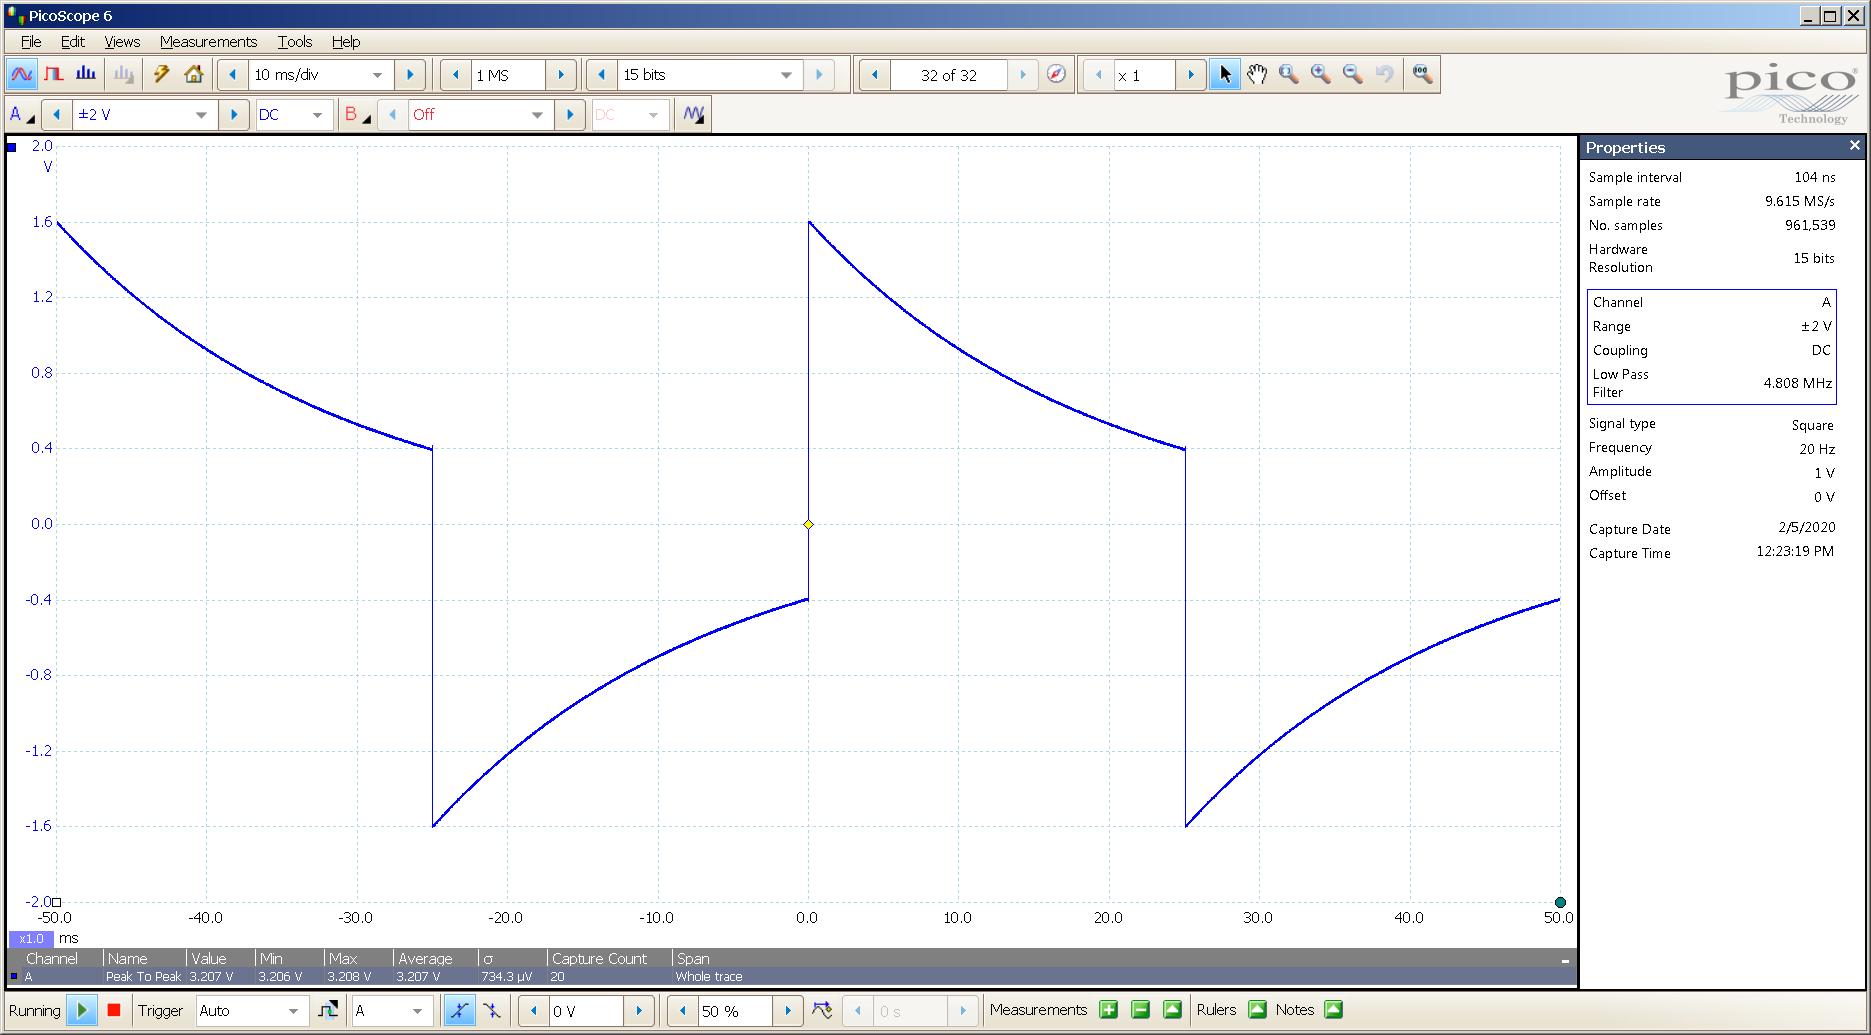 20200205 SigGen ECP T4 Mullard CV4024 20 Hz square 2000mVpp 10mS div 5MHz filter 32R.png